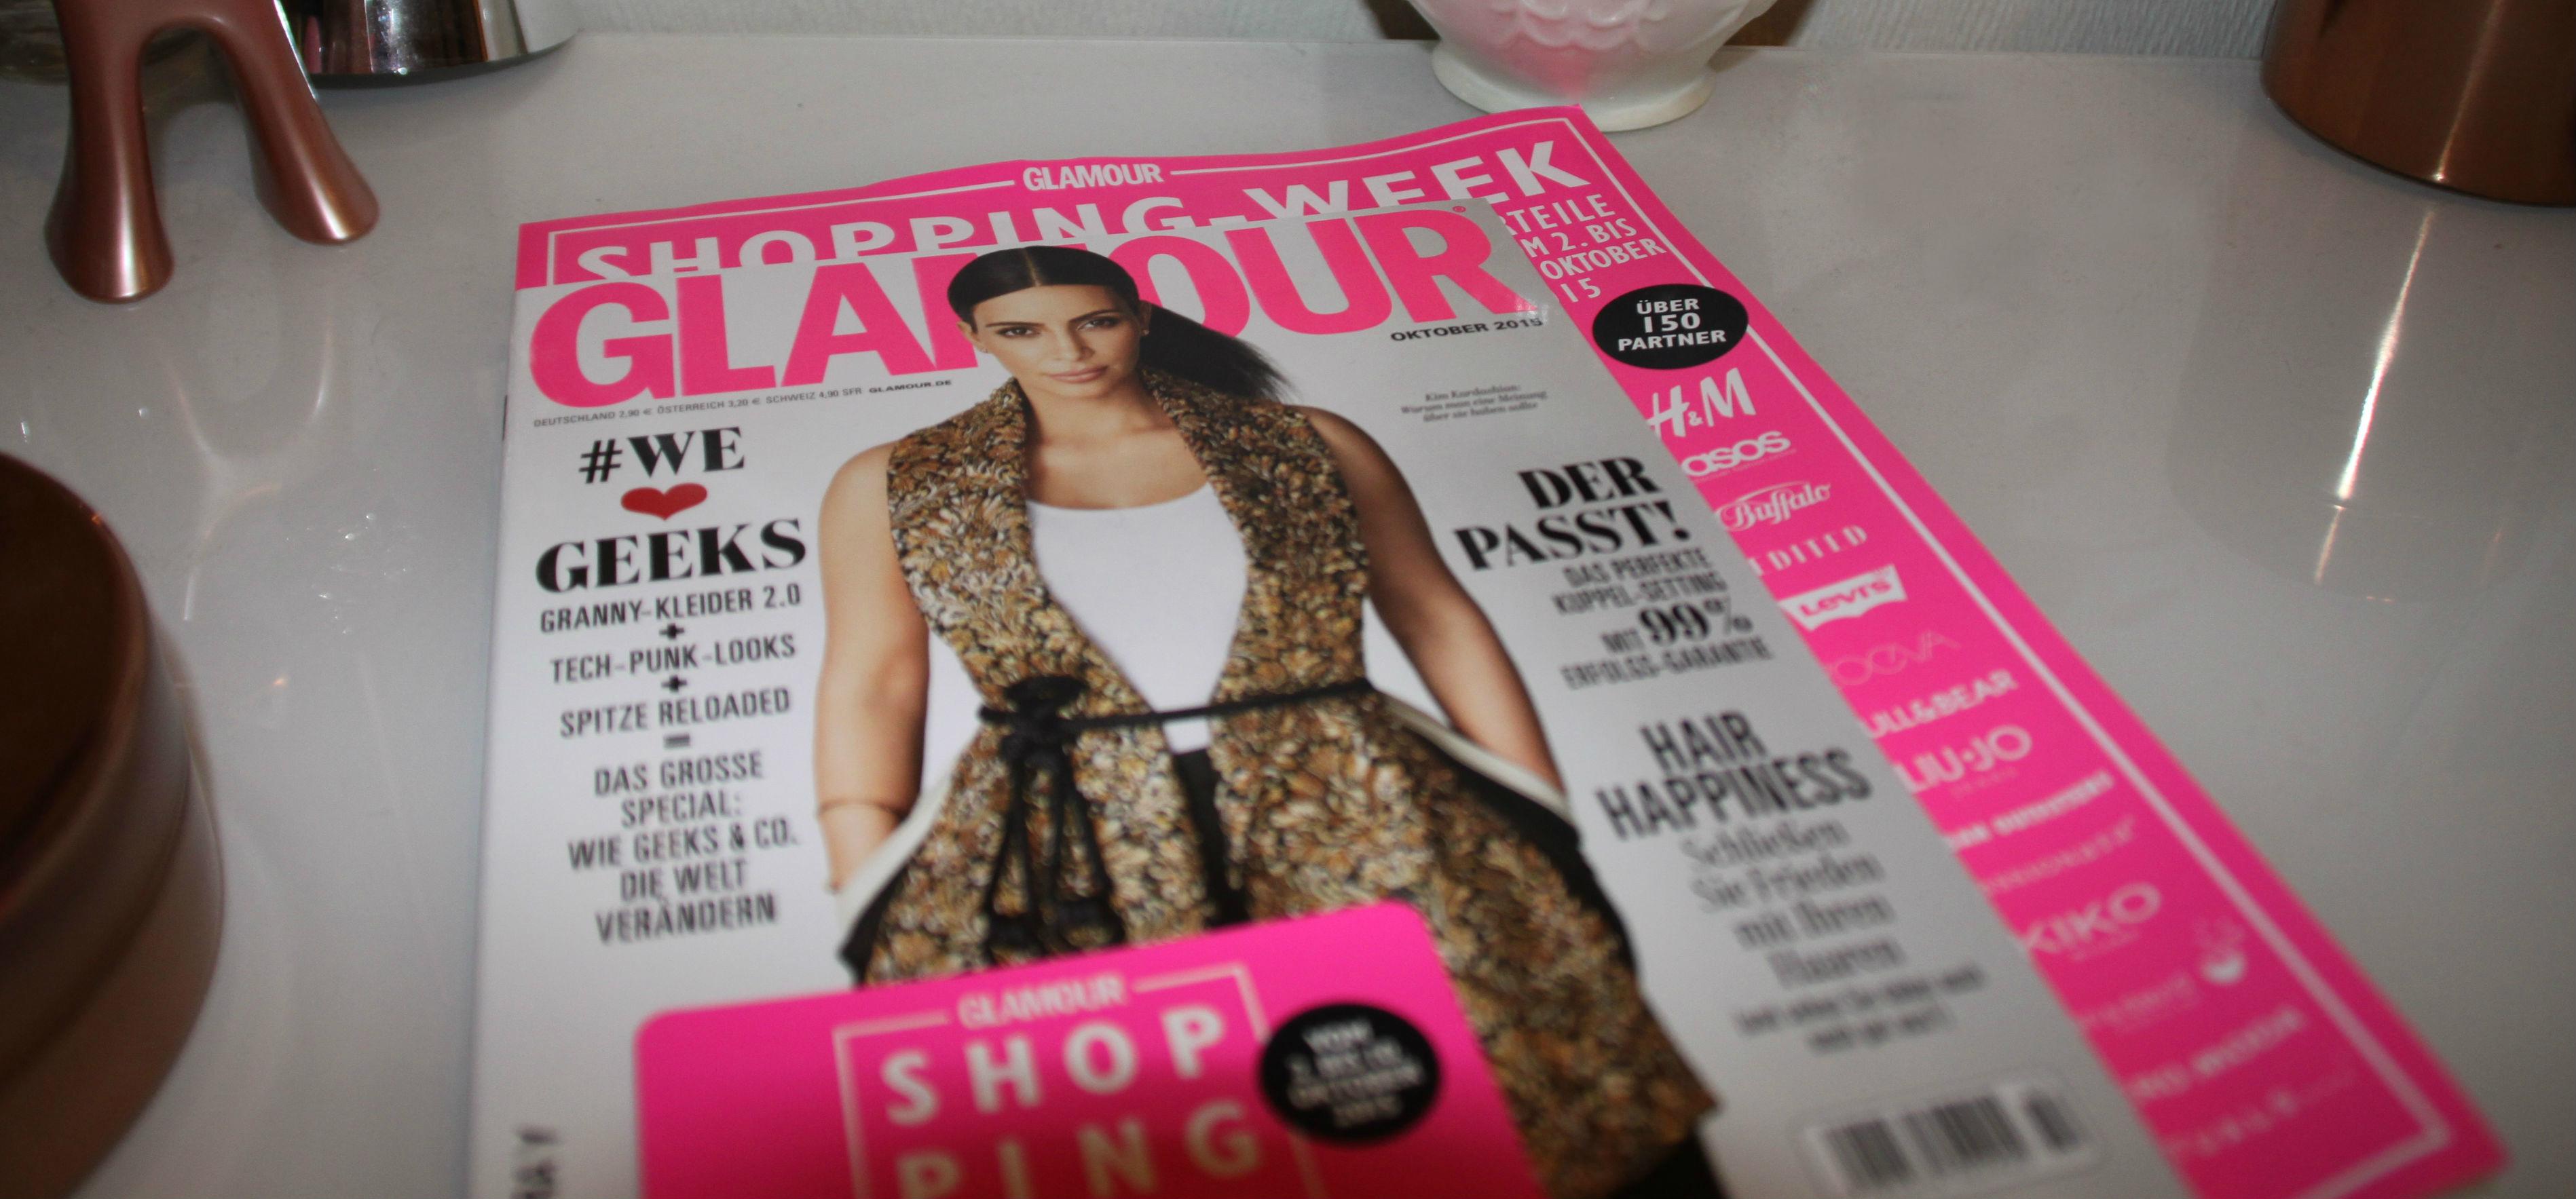 Glamour Shopping Week Partner Az